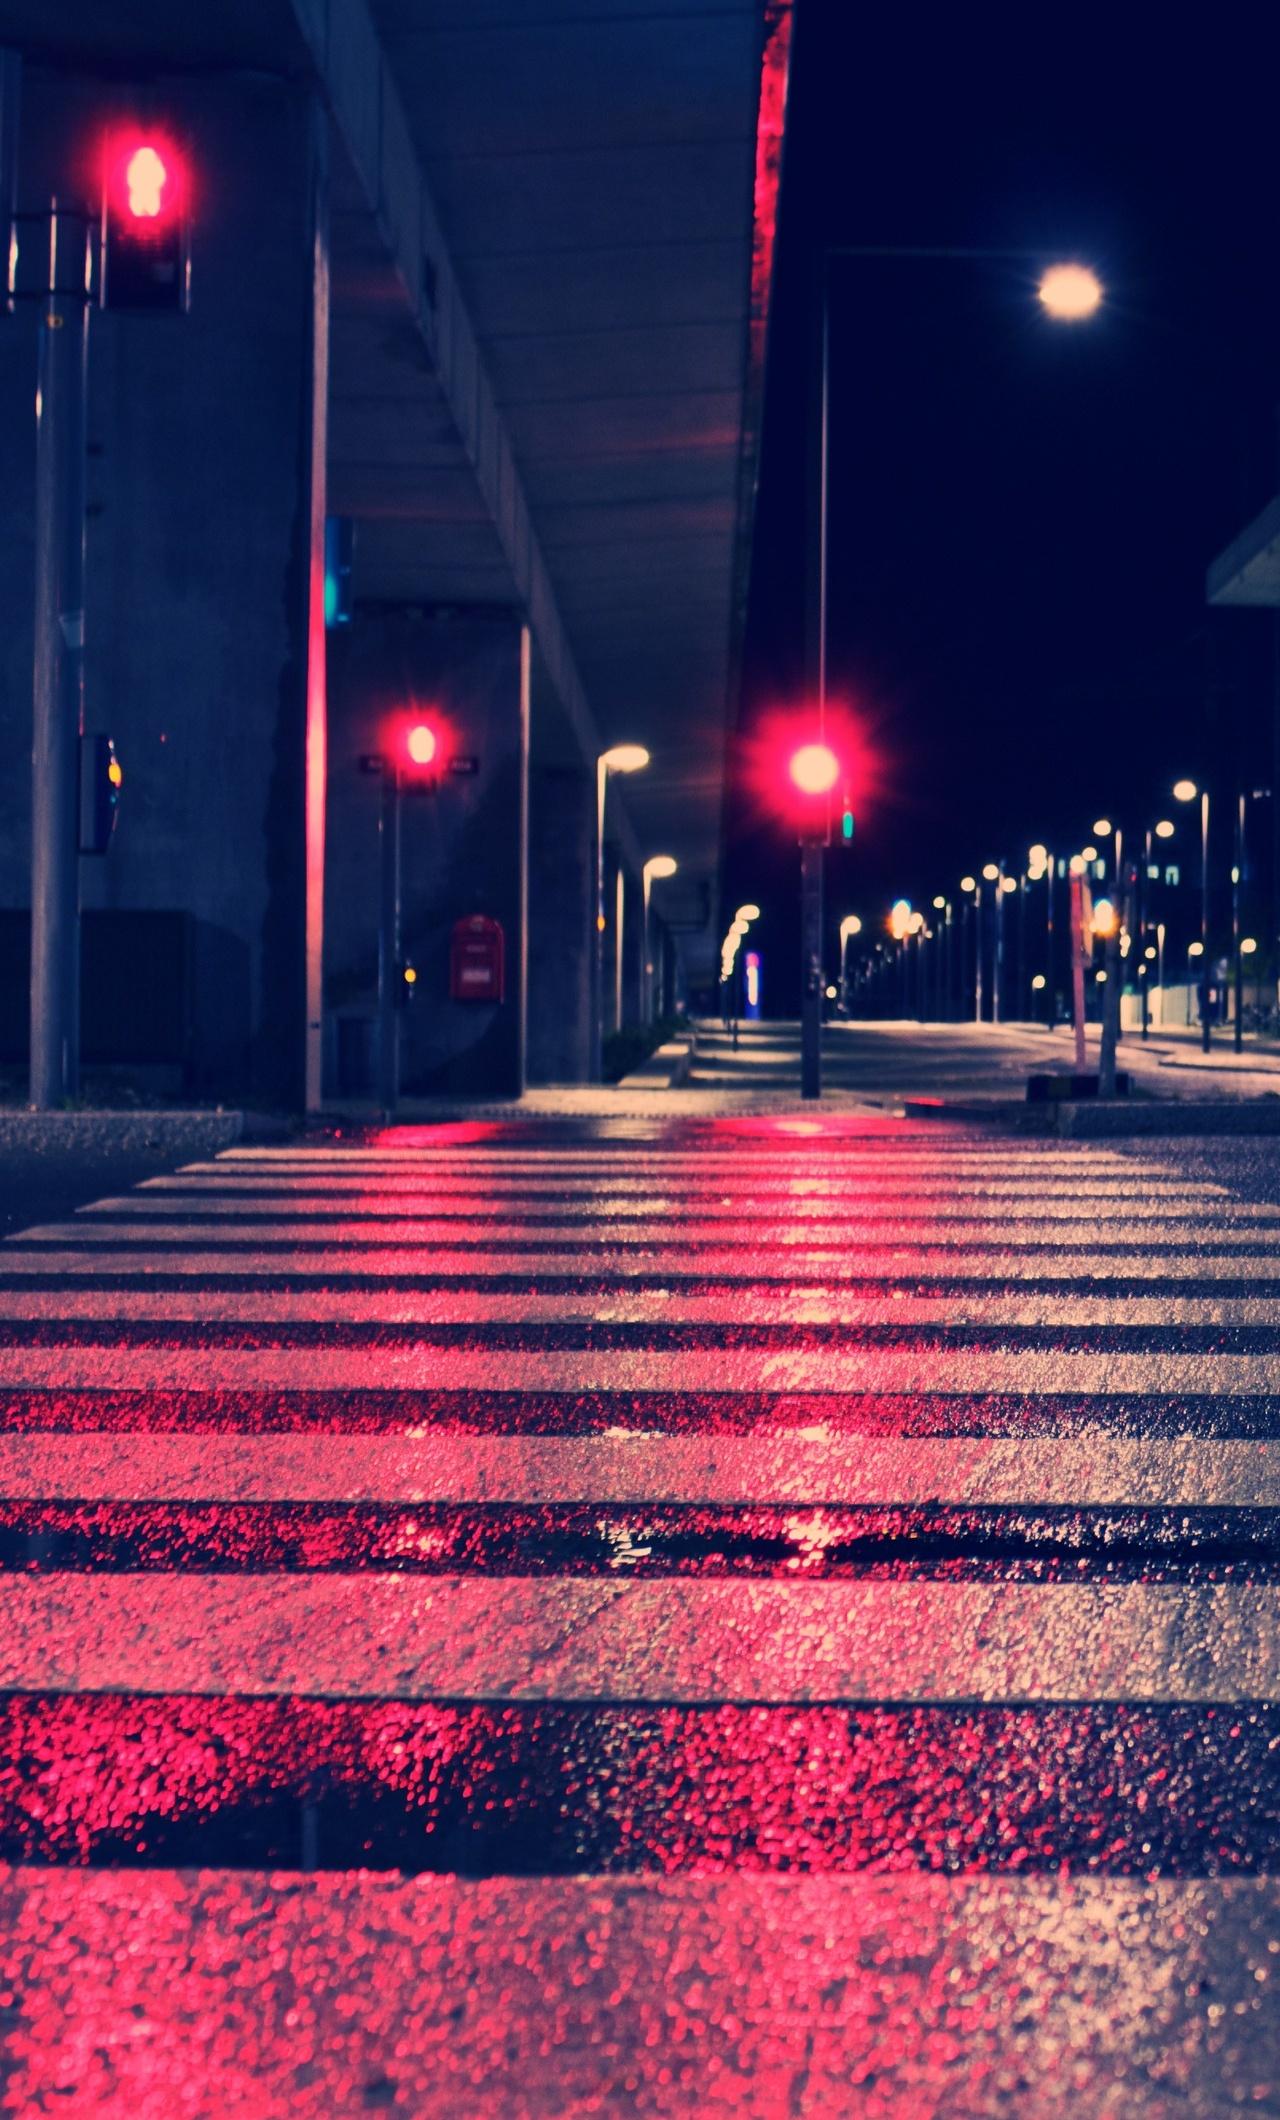 Night City Lights Street 4k Ca